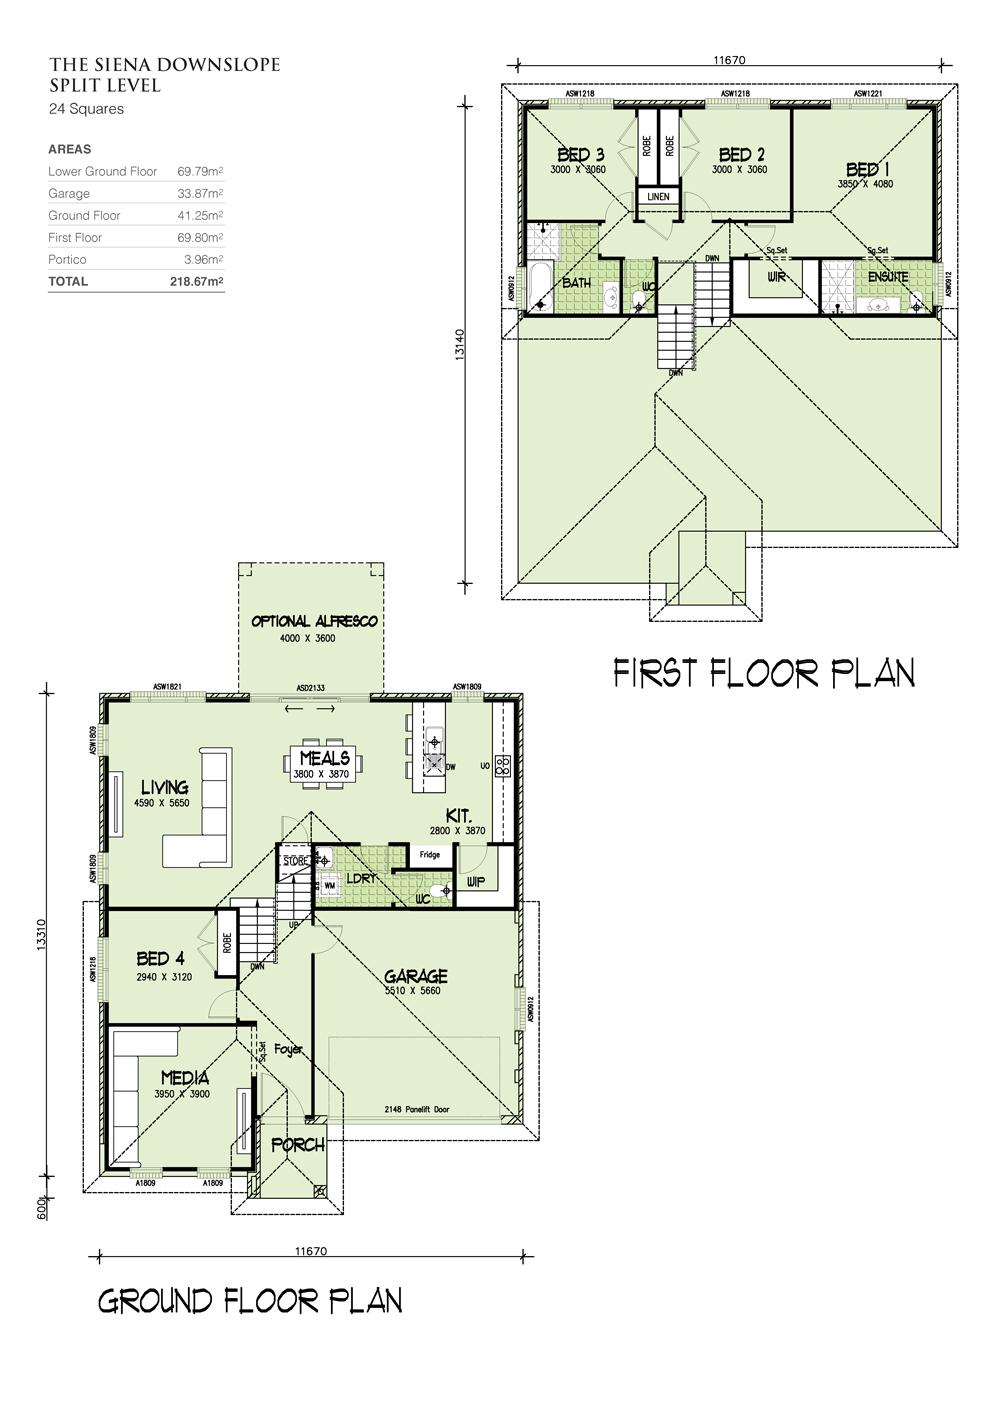 SIENA Downslope Design, Home Design, Tullipan Homes